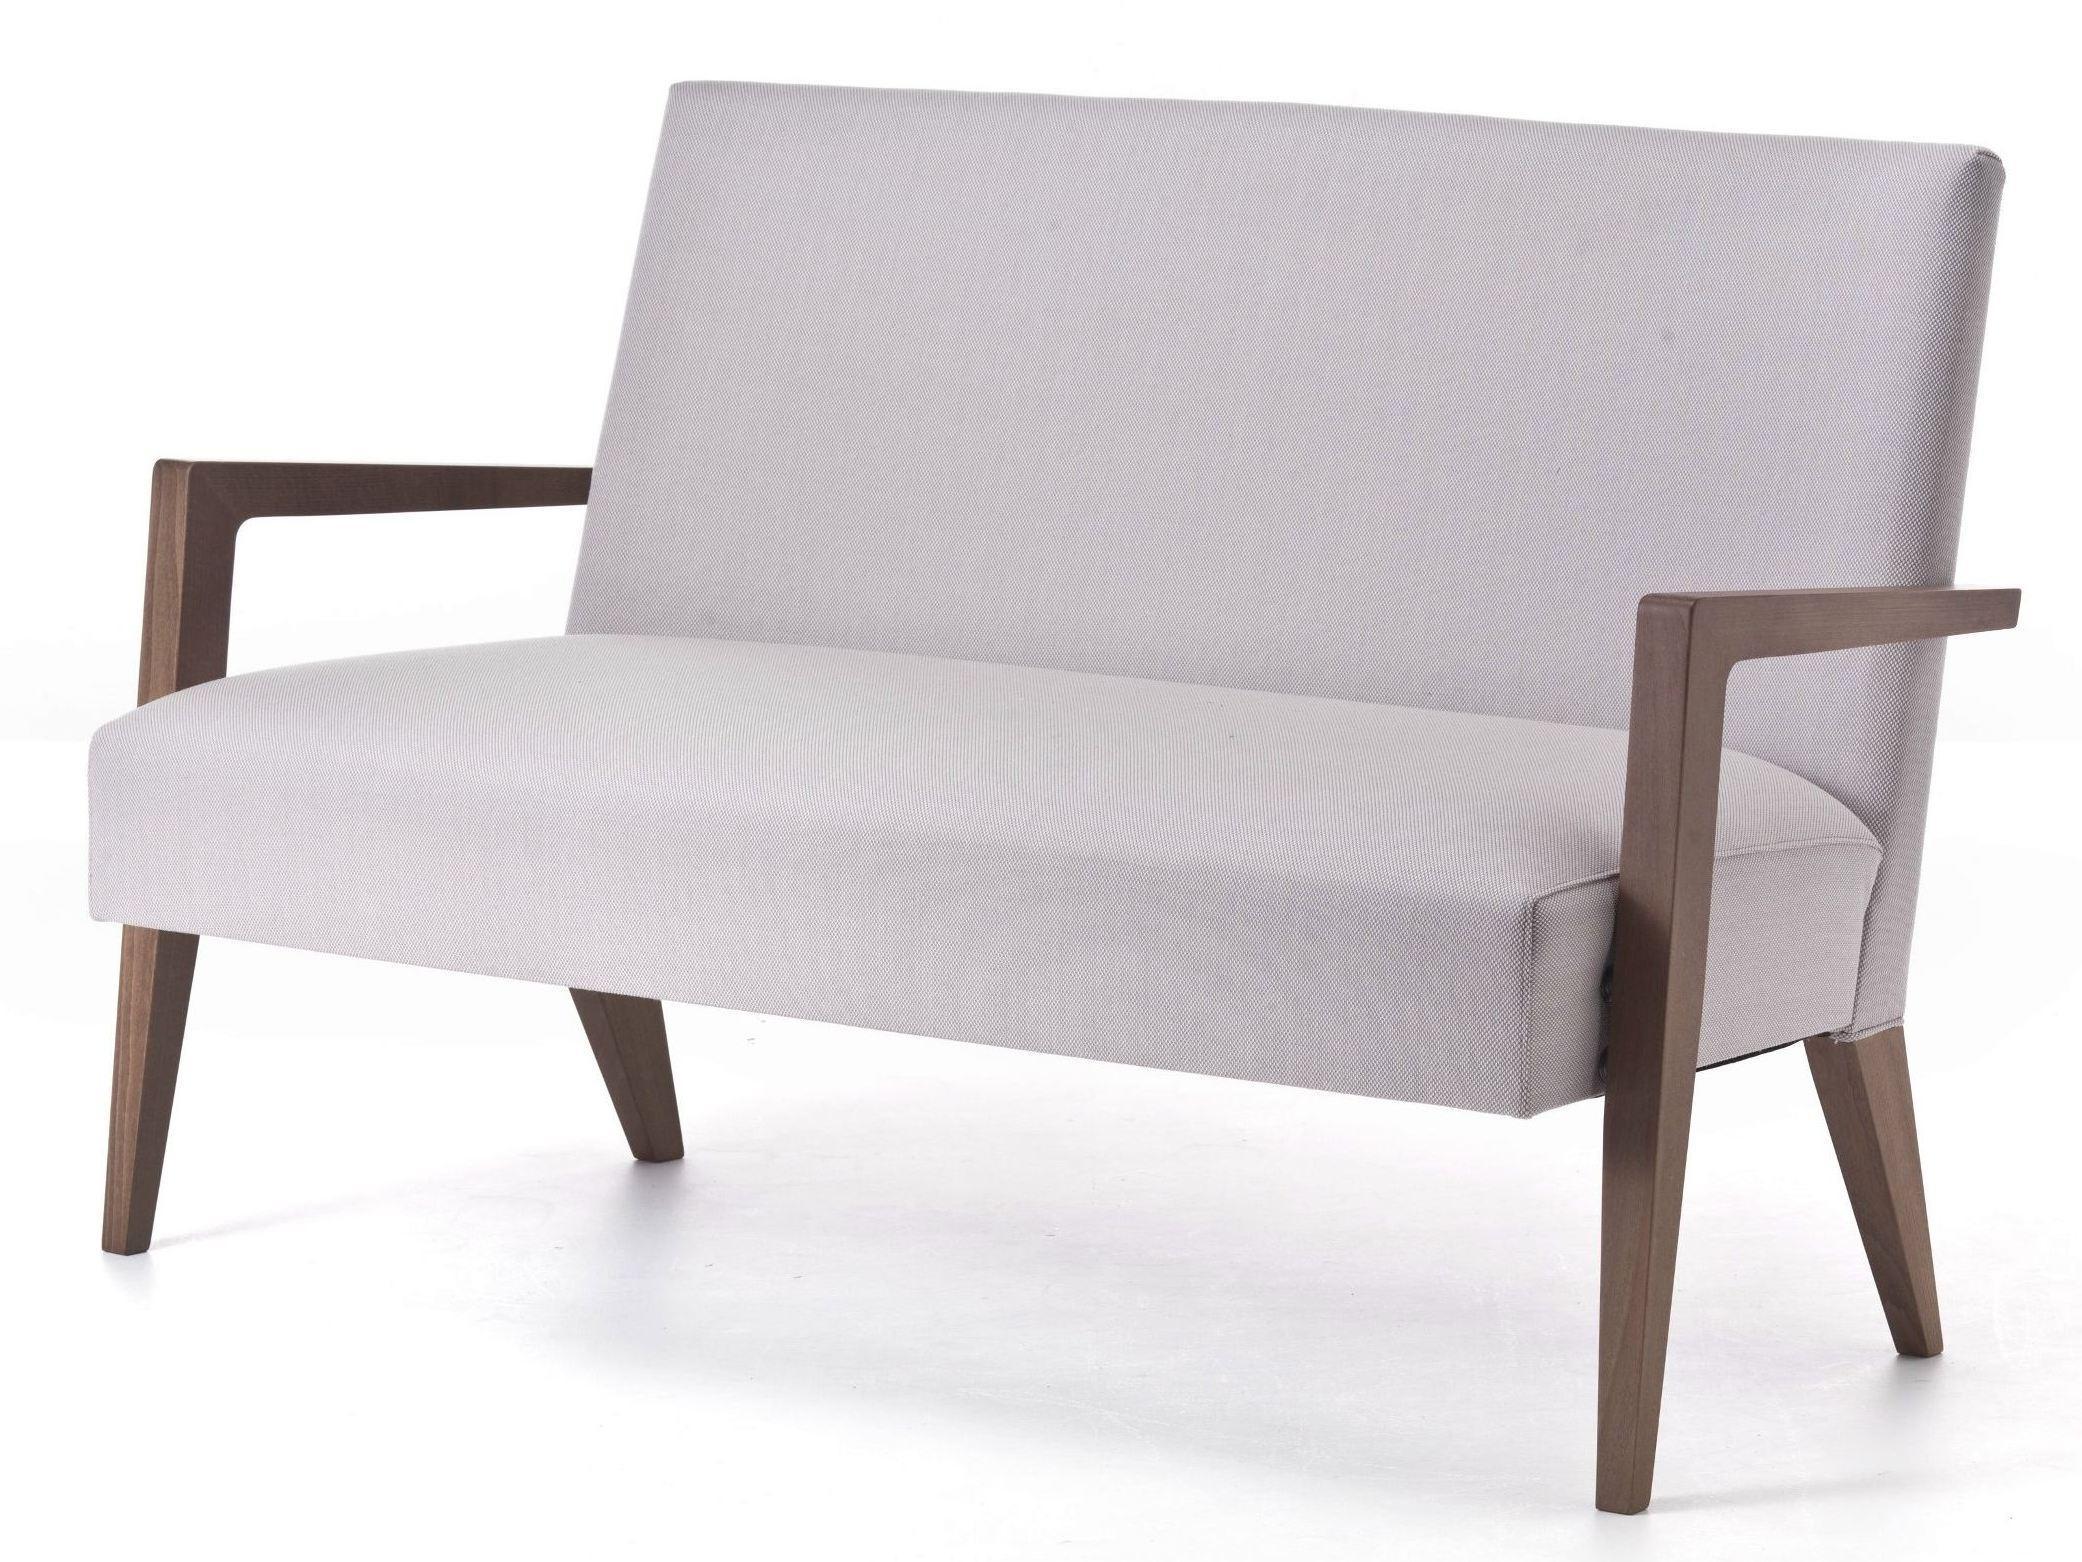 Kyk 543Metalmobil Design Carlo Bimbi with Very Small Sofas